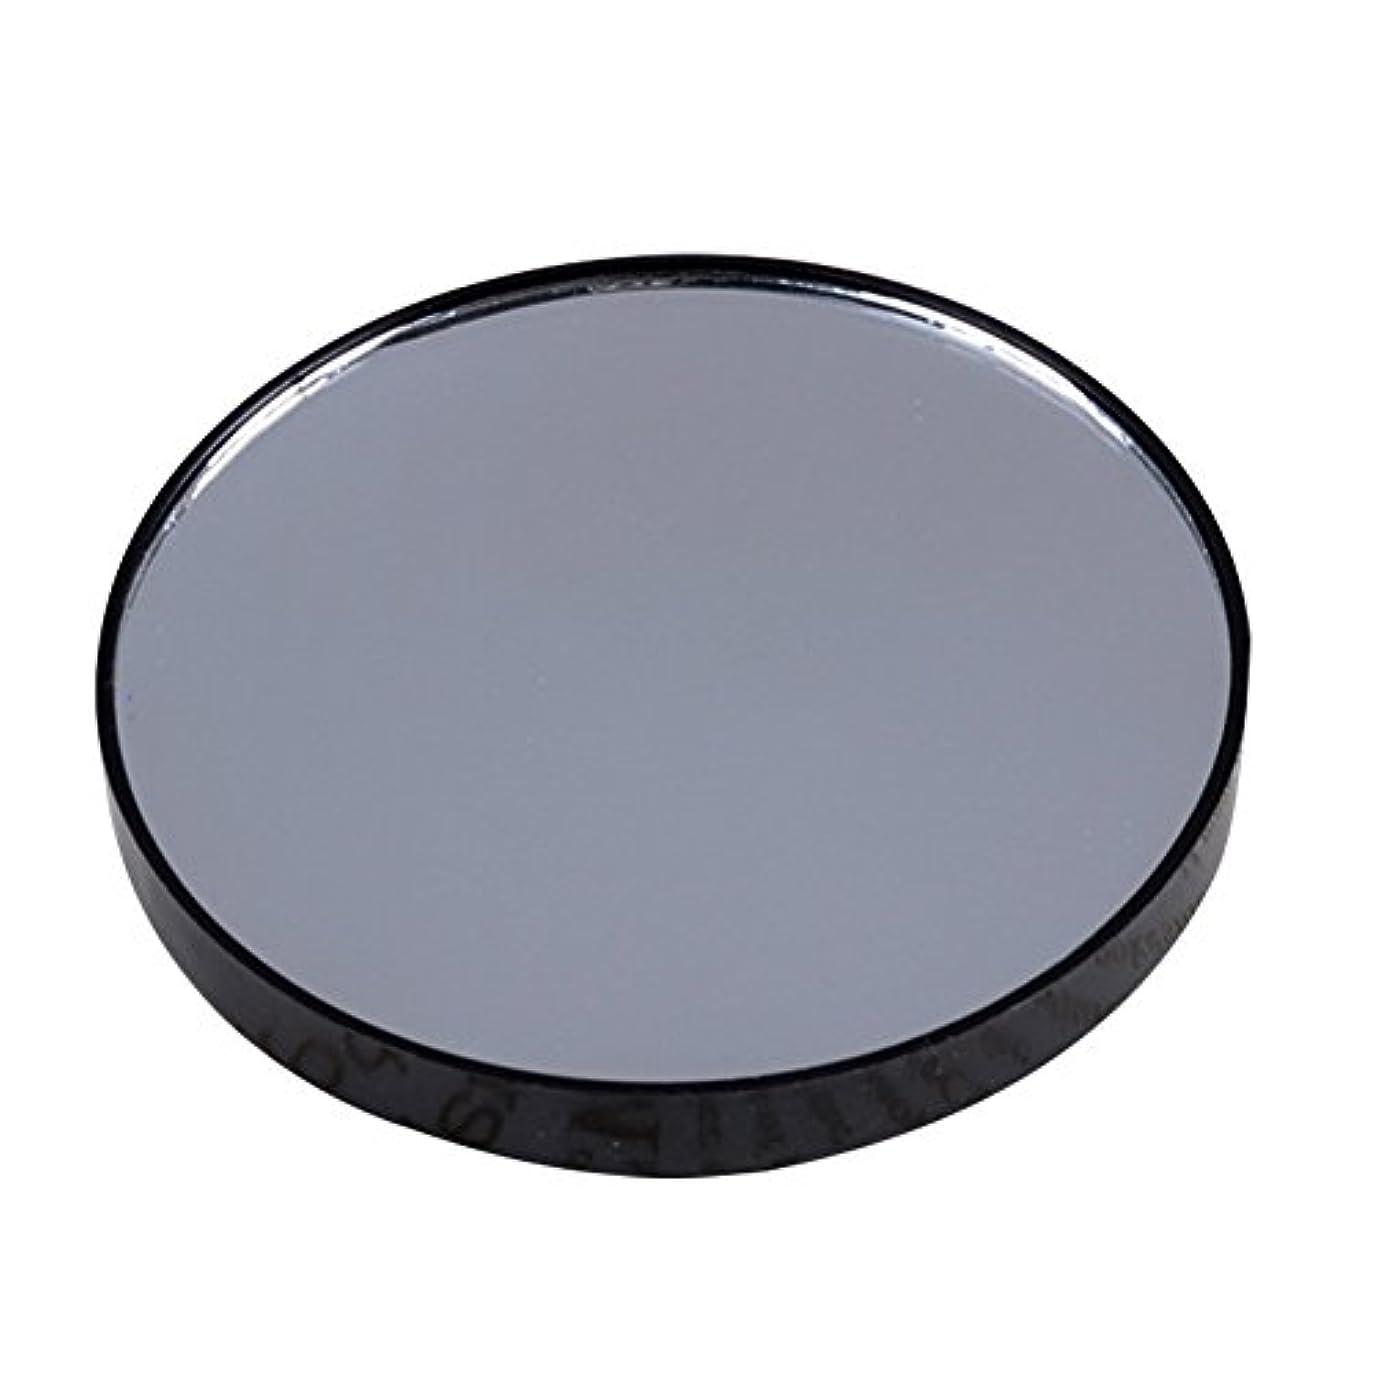 顔料ジェスチャー周波数YideaHome メイクアップミラー 化粧鏡 拡大鏡 5倍 10倍 15倍 強力吸盤付き メイクミラー 化粧ミラー (15倍)